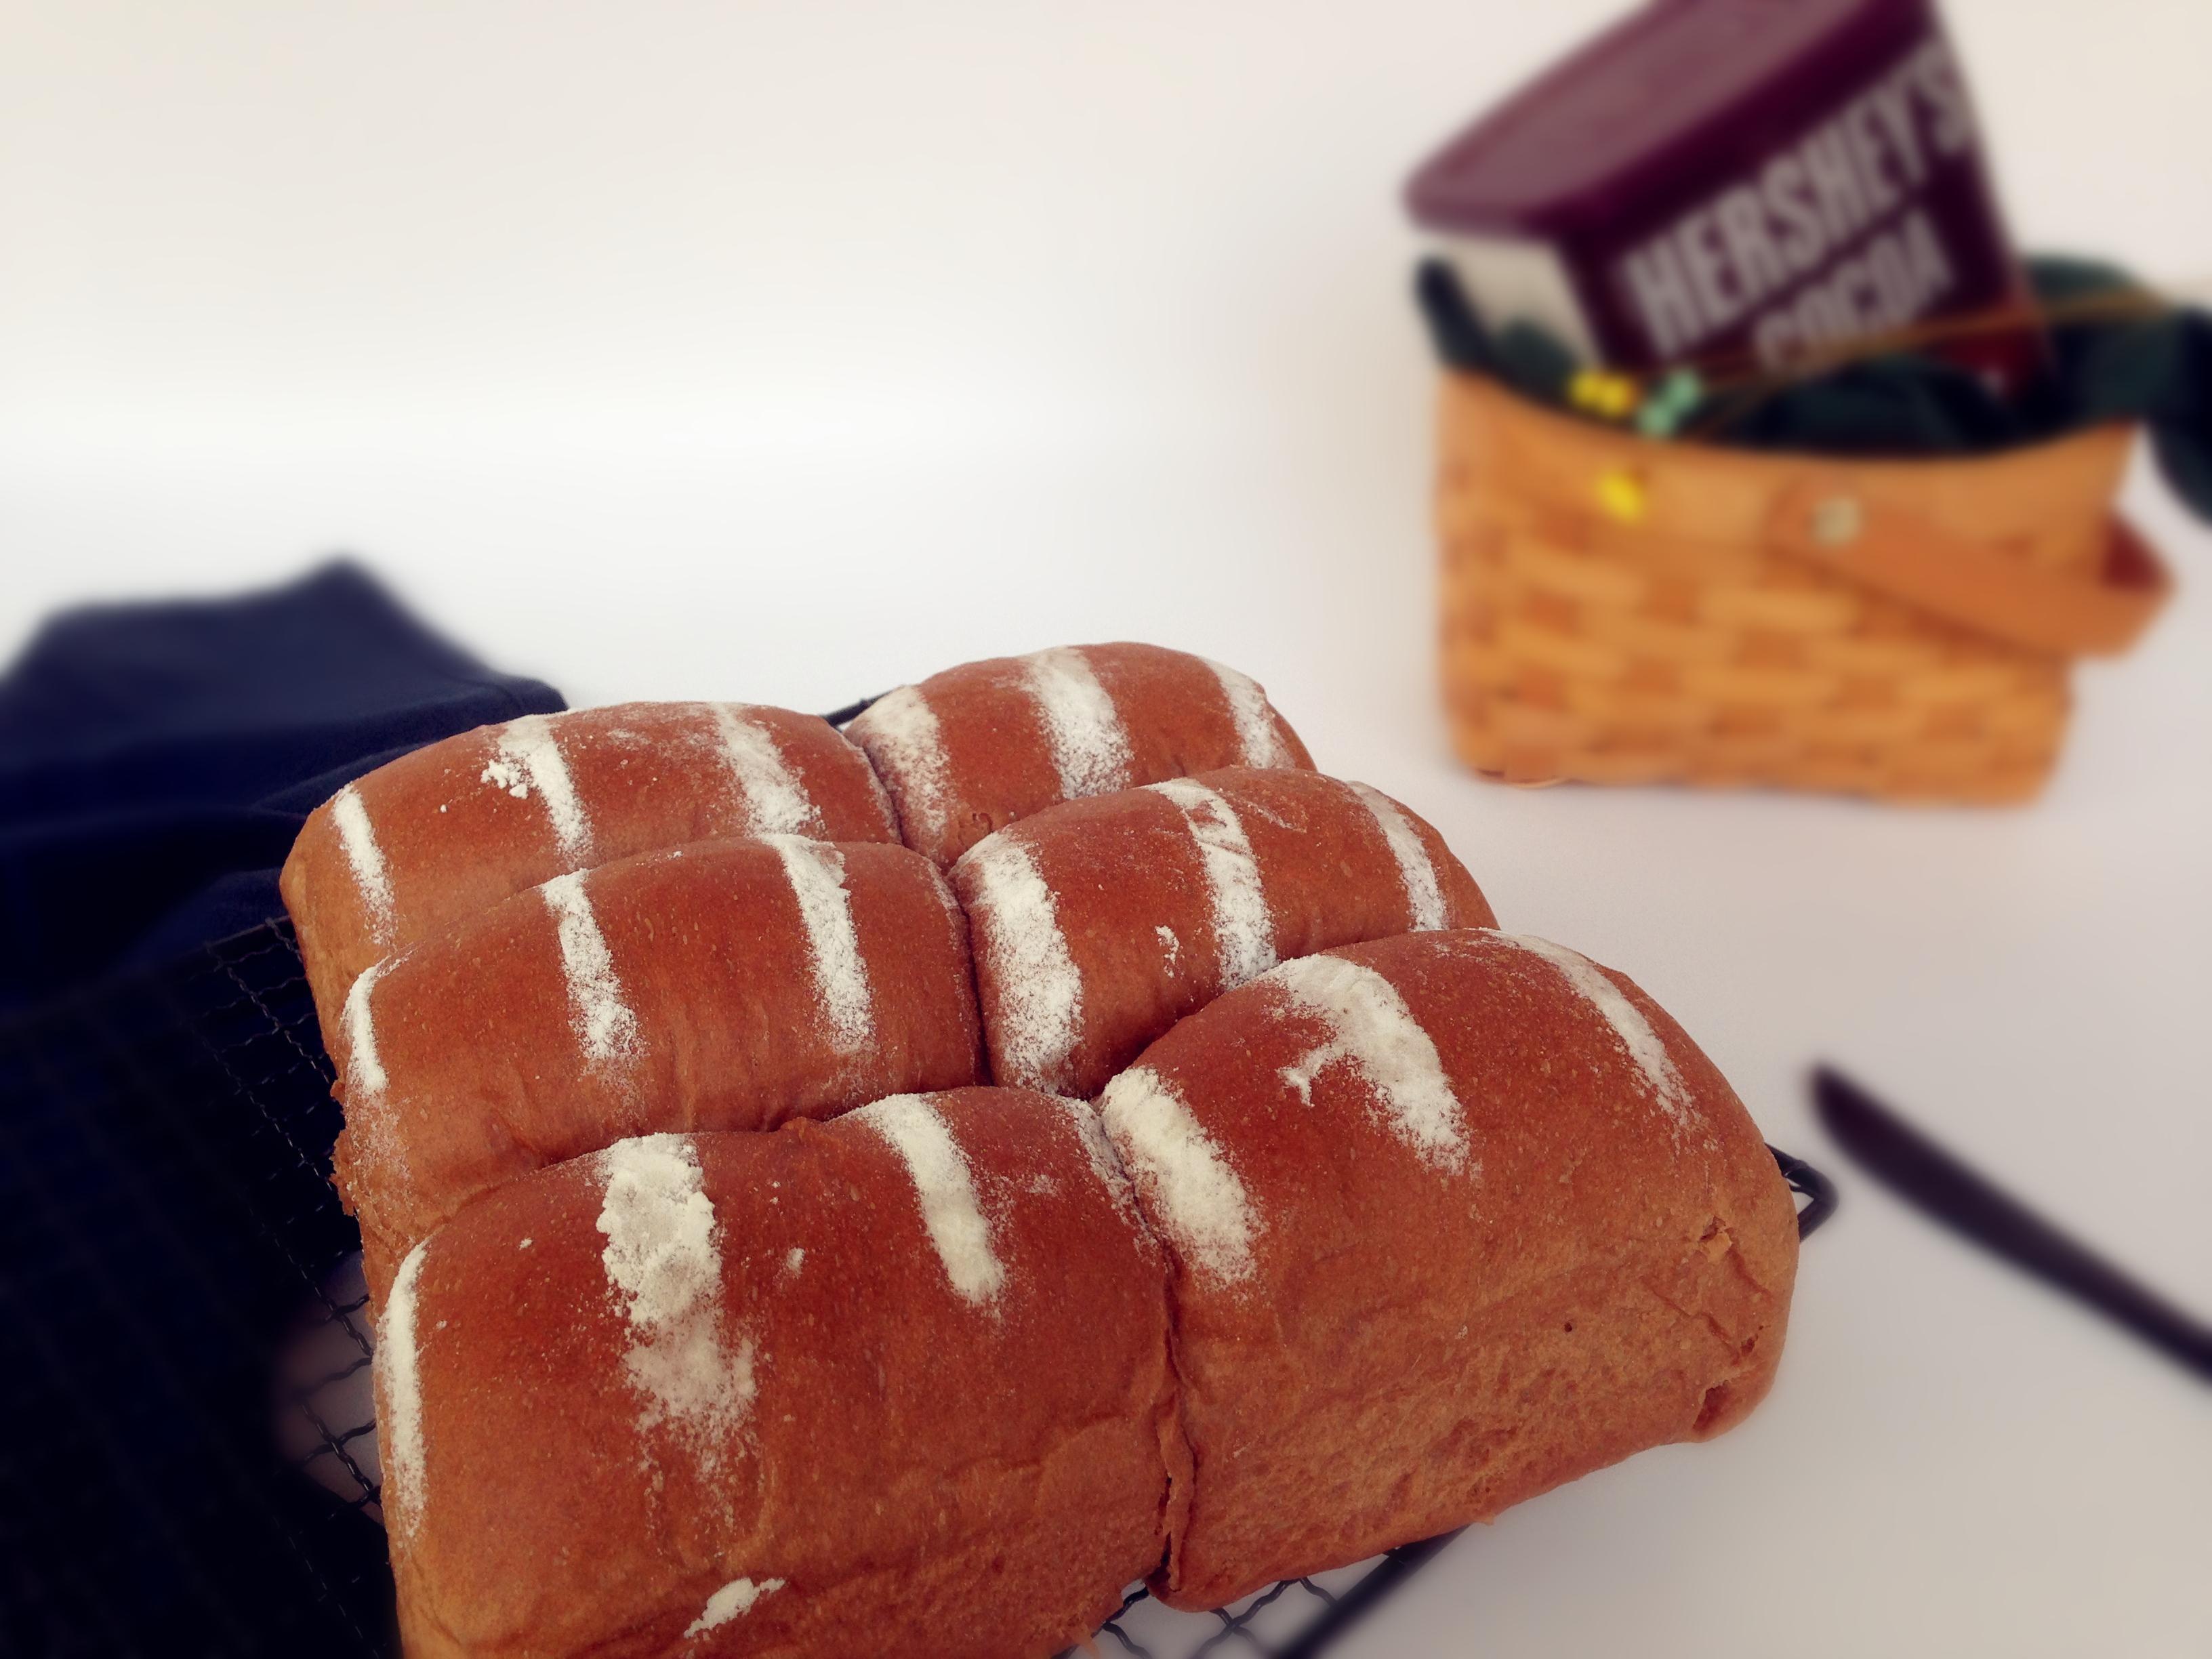 一招消灭剩余淡奶油做出来的面包特别好吃